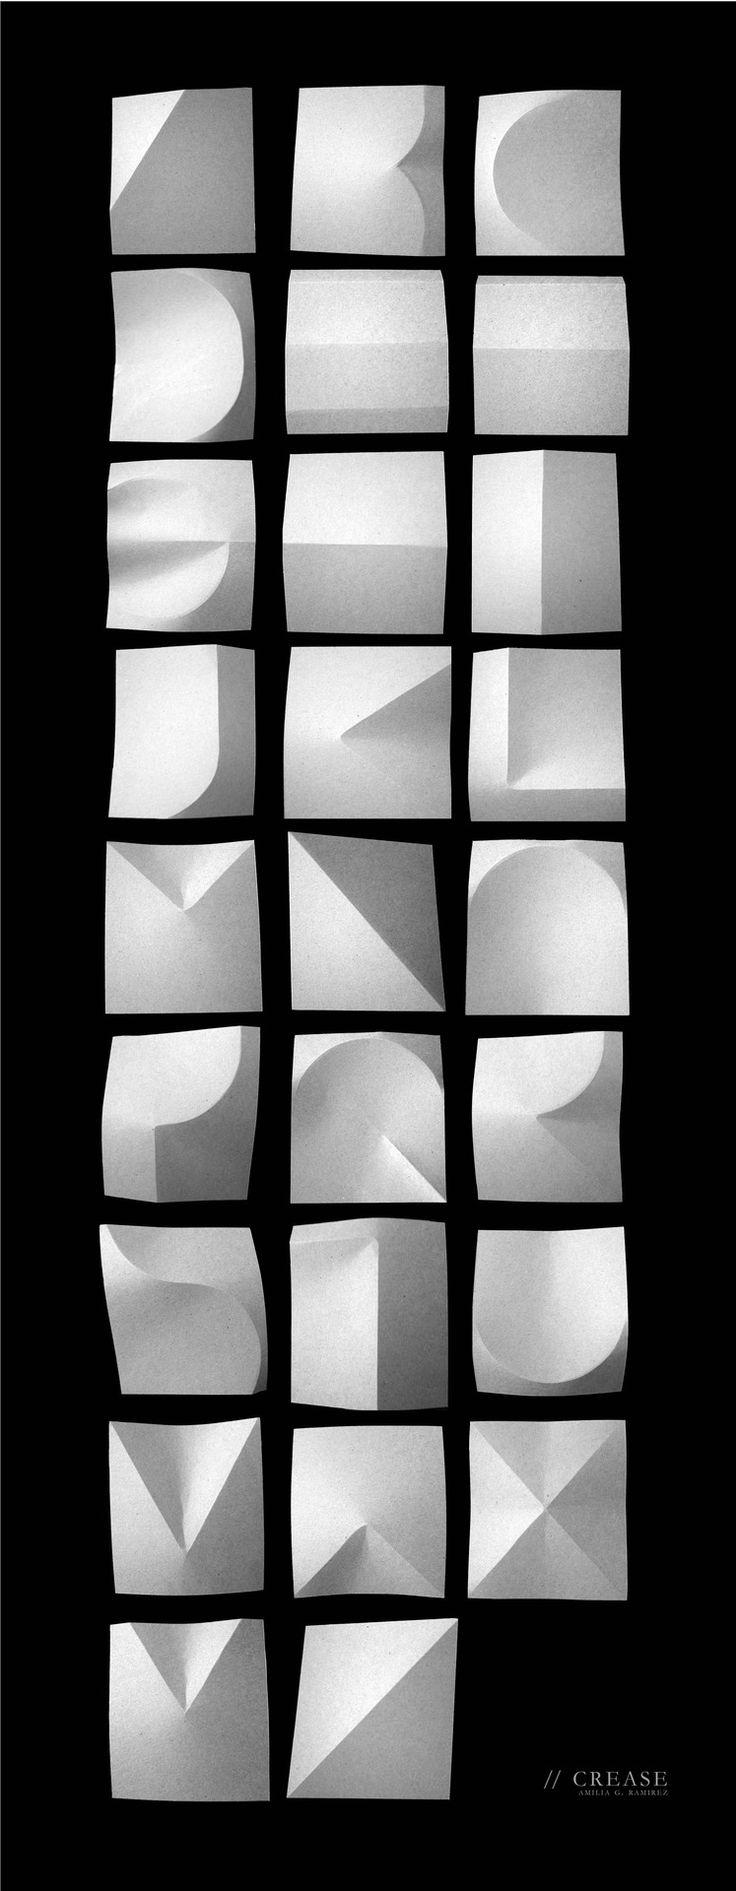 tumblr_mbus1e8FIY1rs73t7o1_1280.jpg 747×1,920 pixels